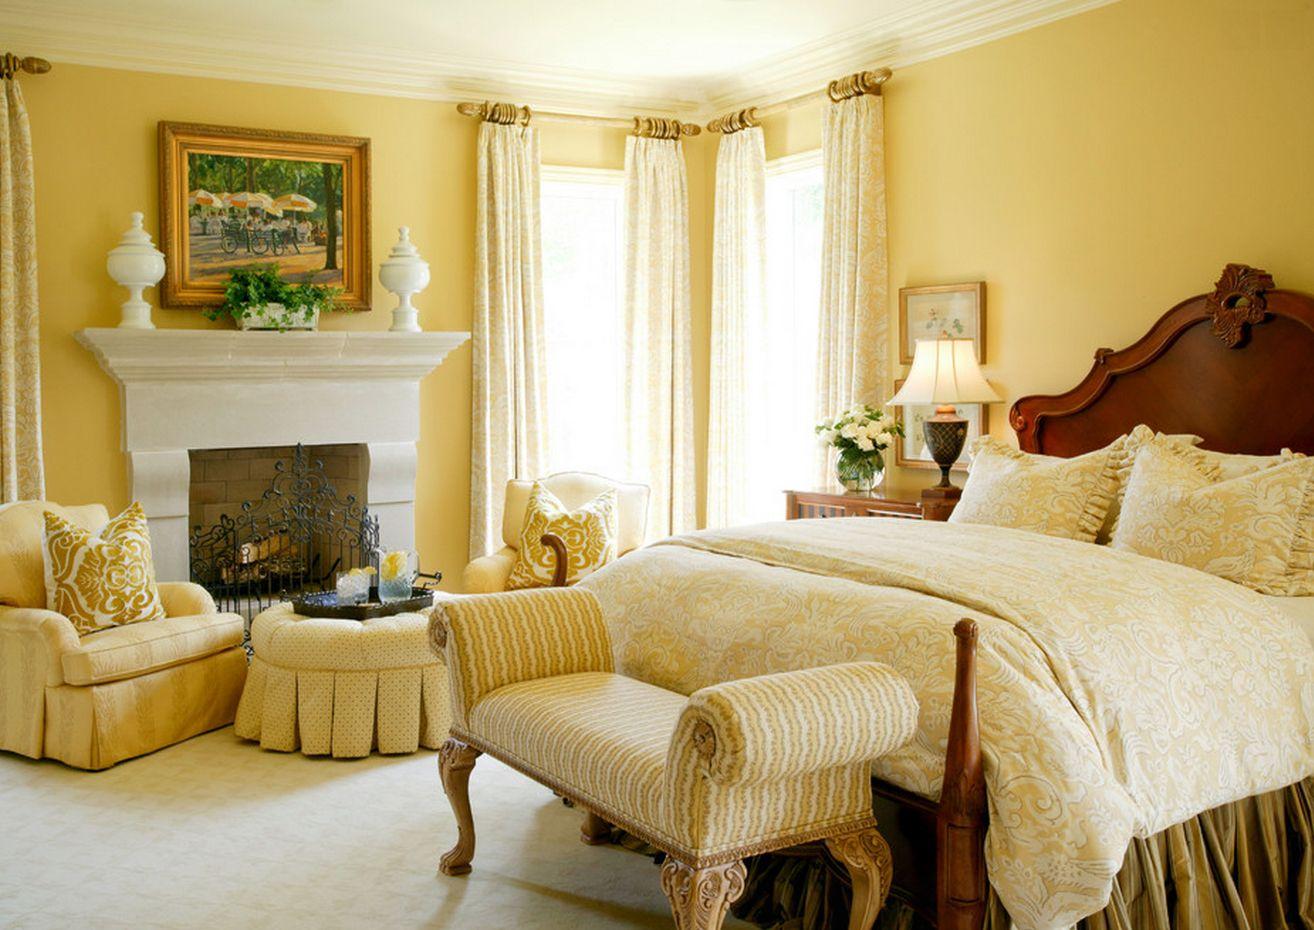 Пастельные тона комнаты располагают к спокойствию и отдыху, а декоративный белый камин подчеркивает классический стиль спальни